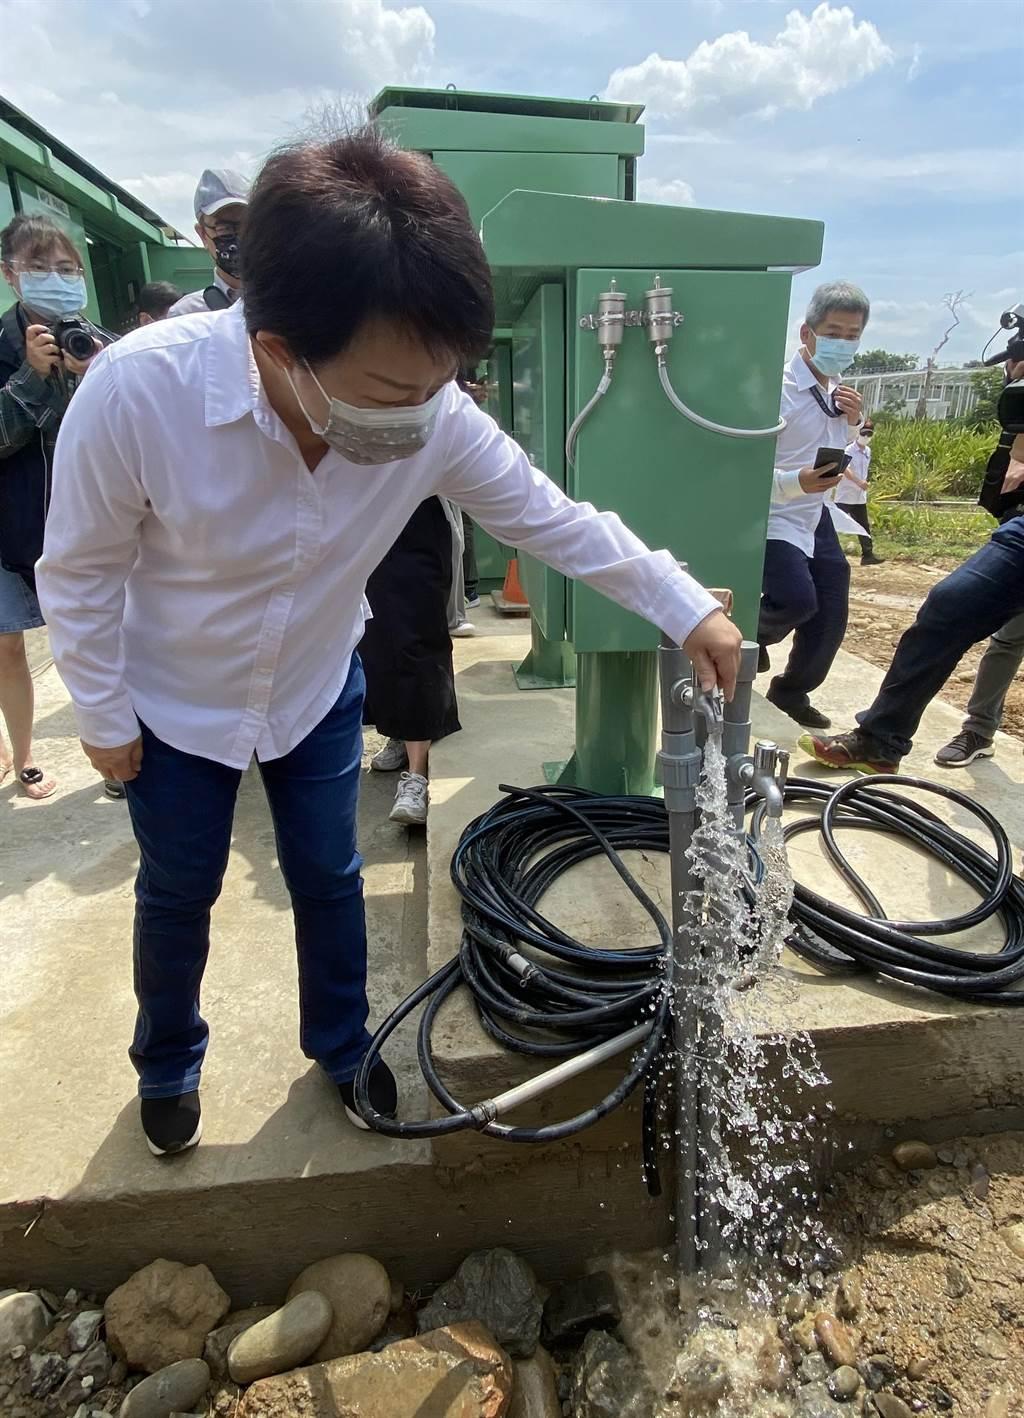 台中市長盧秀燕今日到中央公園水井產水經檢測水質良好,可供台水公司淨化轉換成民生自來水,要求注重水質安全。(盧金足攝)